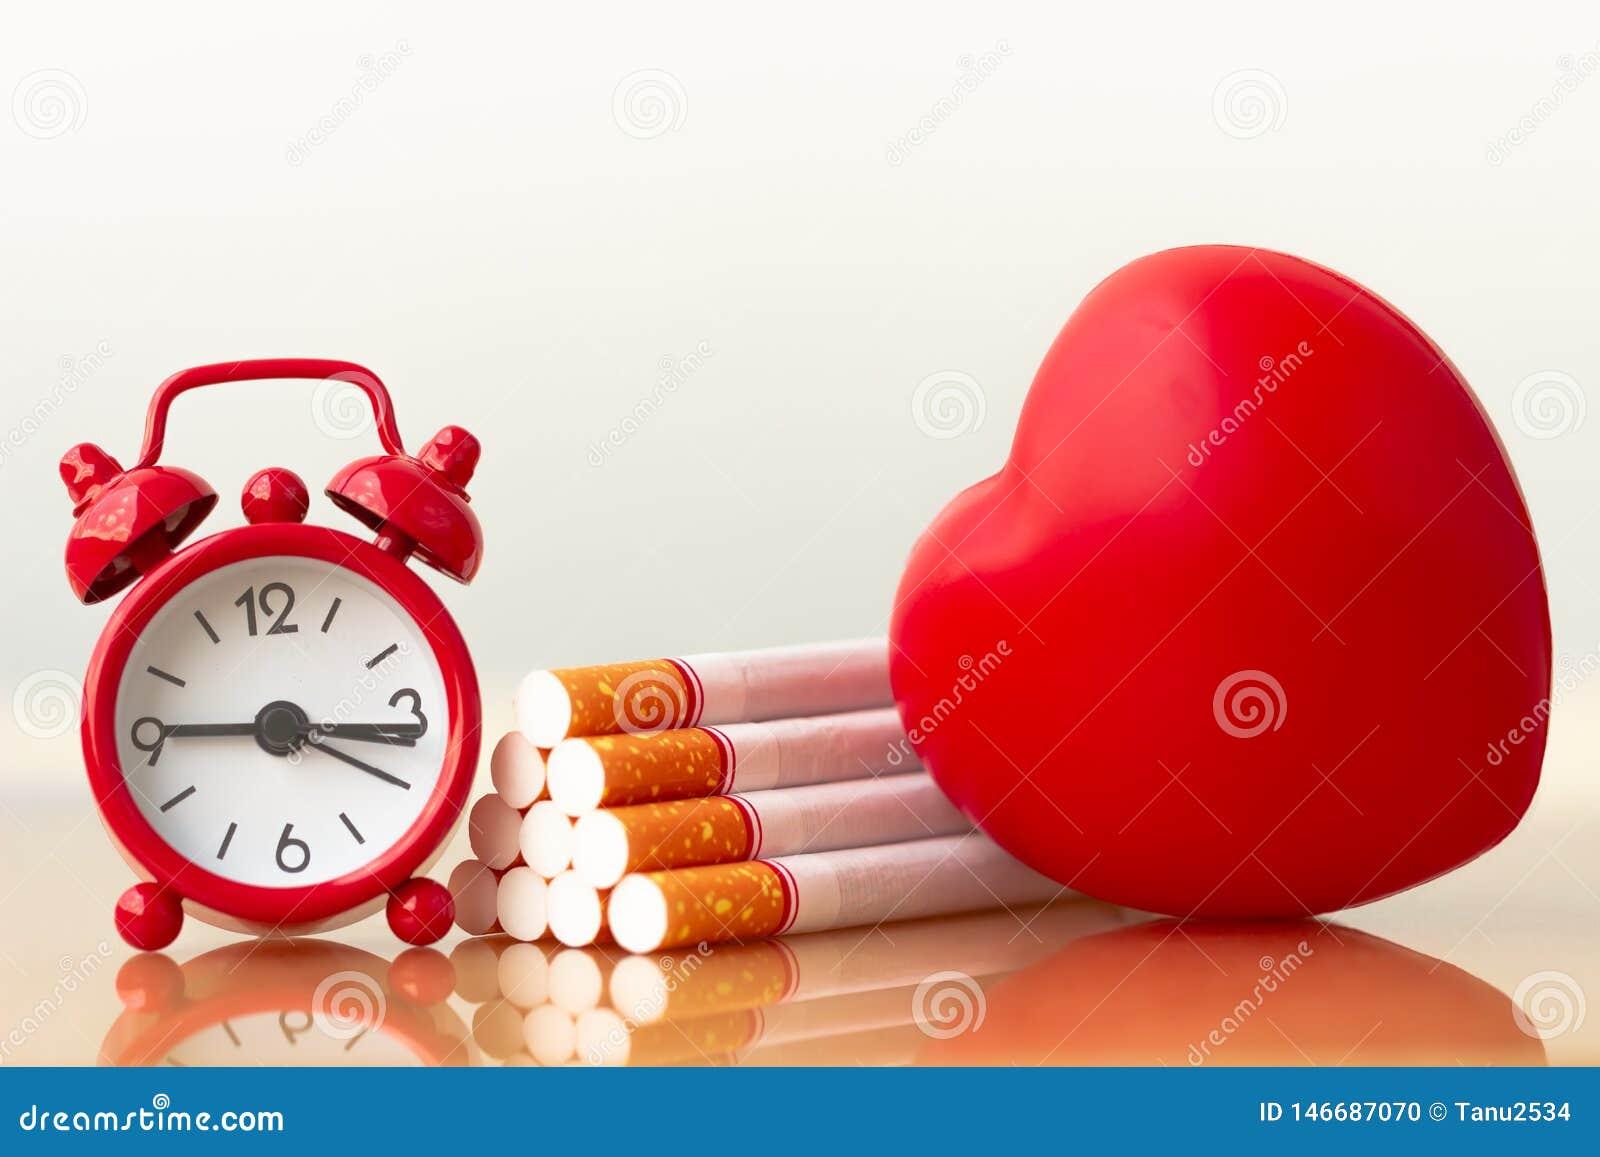 Κόκκινα καρδιά και τσιγάρα Καπνίζοντας τσιγάρο που καταστρέφει την υγεία